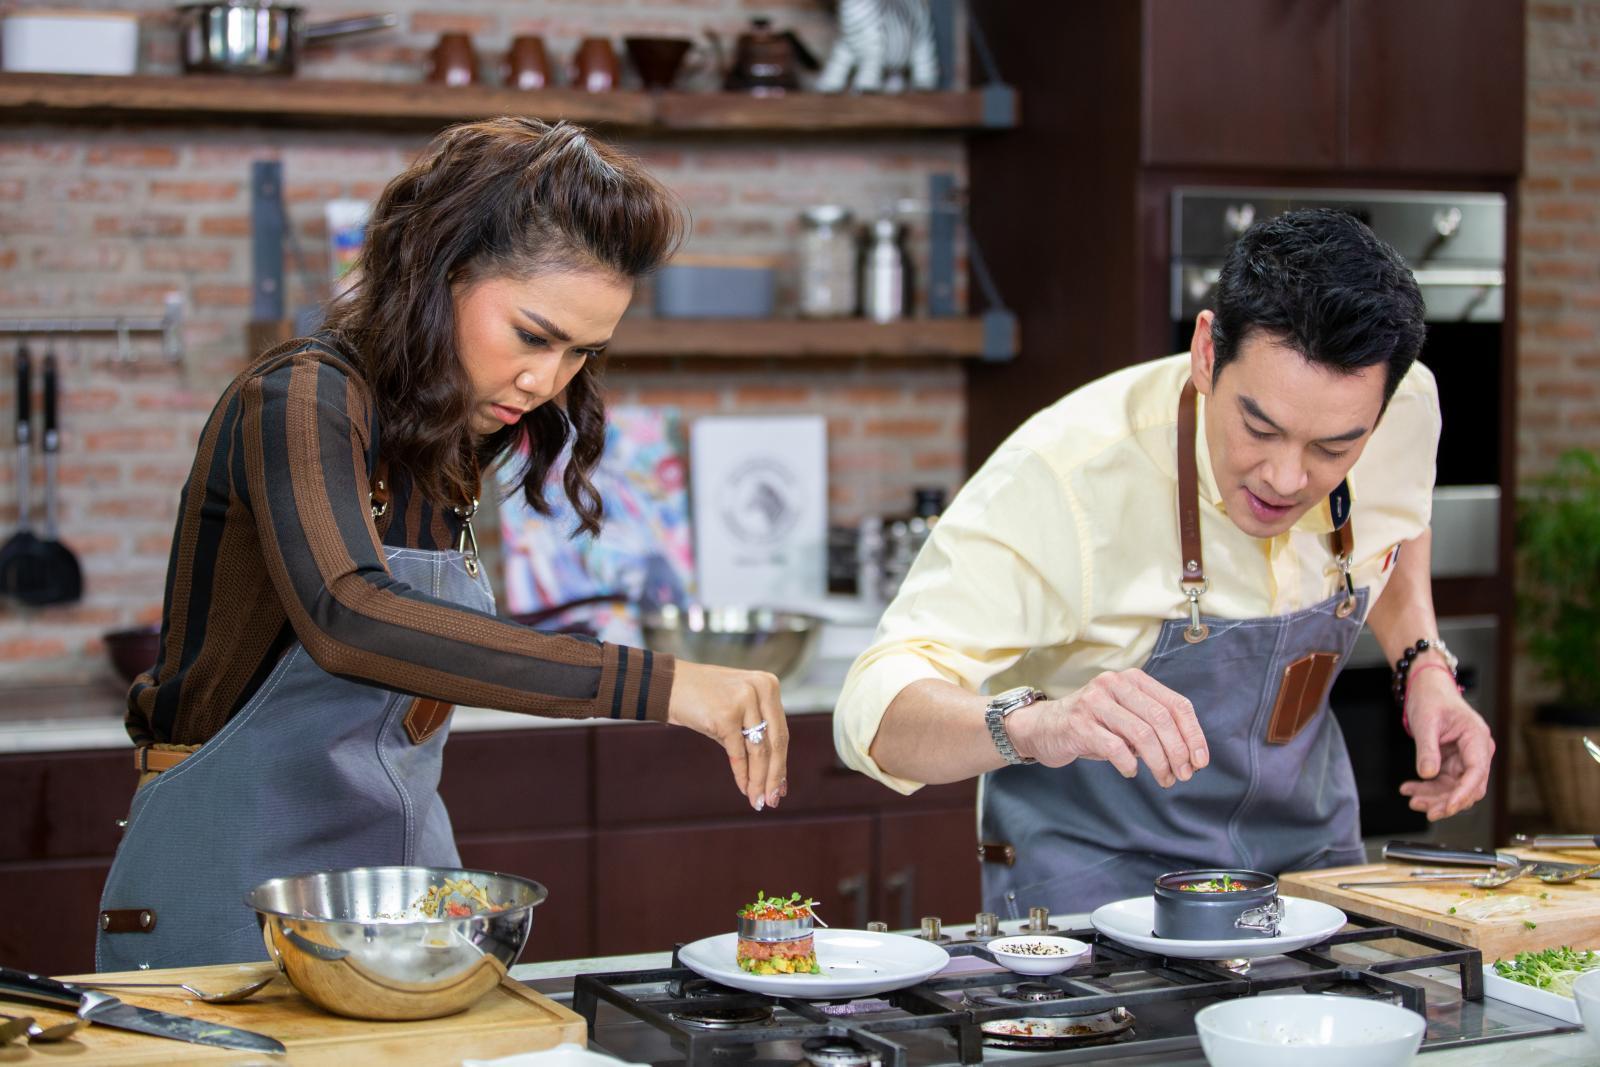 """กาละแมร์โชว์ฝีมือทำเมนูญี่ปุ่น """"ทูน่าทาทาร์ซอสสาเก"""""""